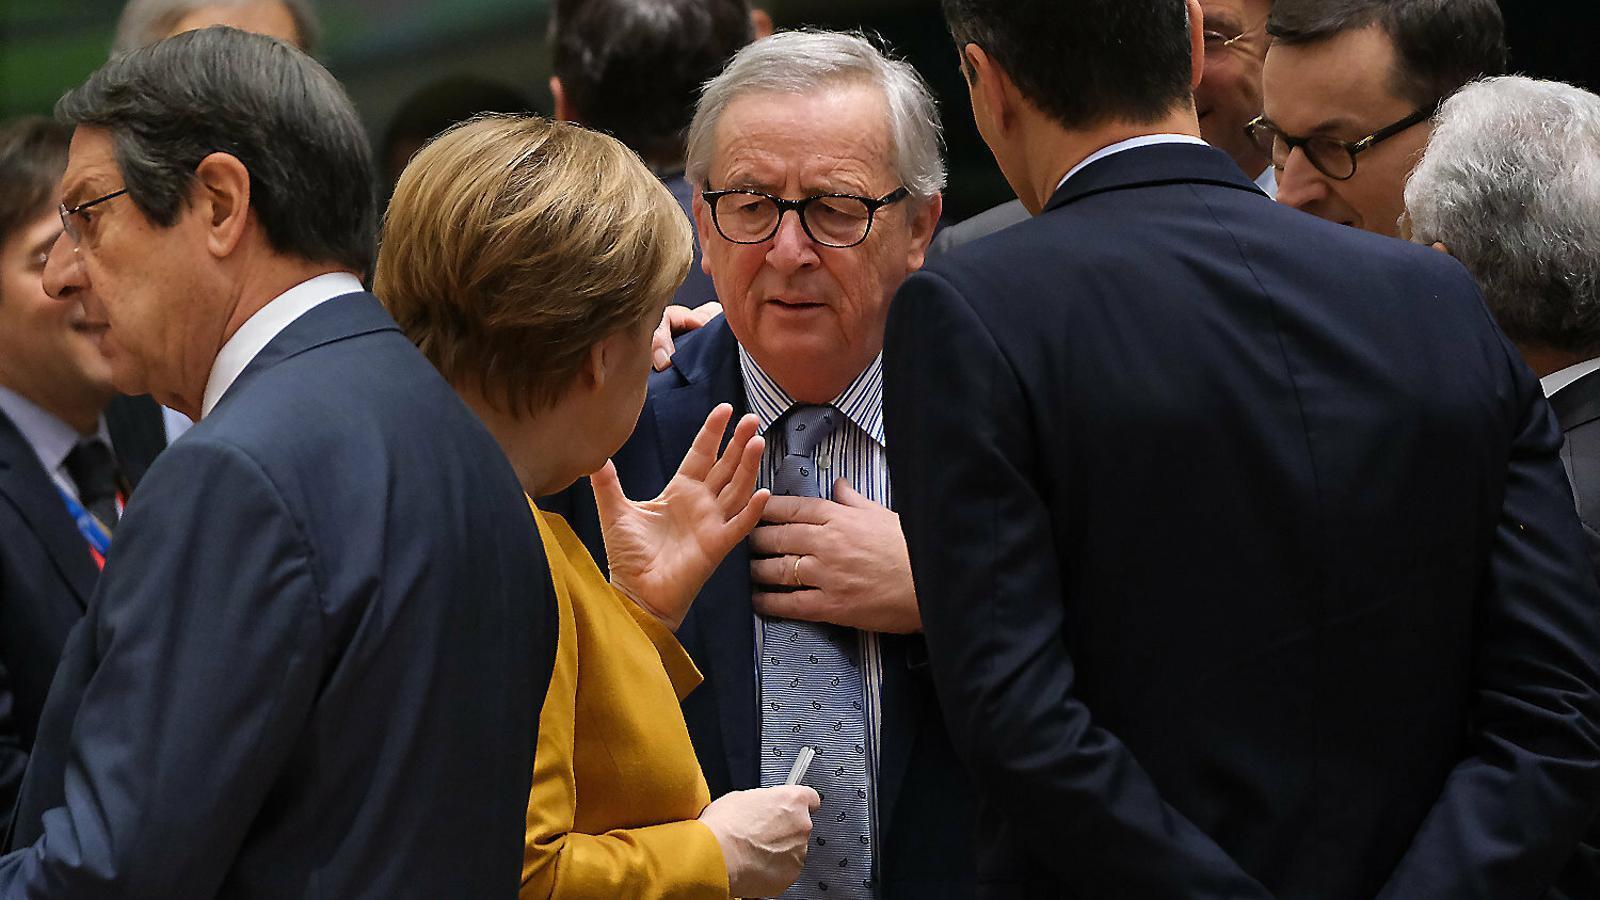 França i Alemanya no troben suports per restar poders a Brussel·les en Competència